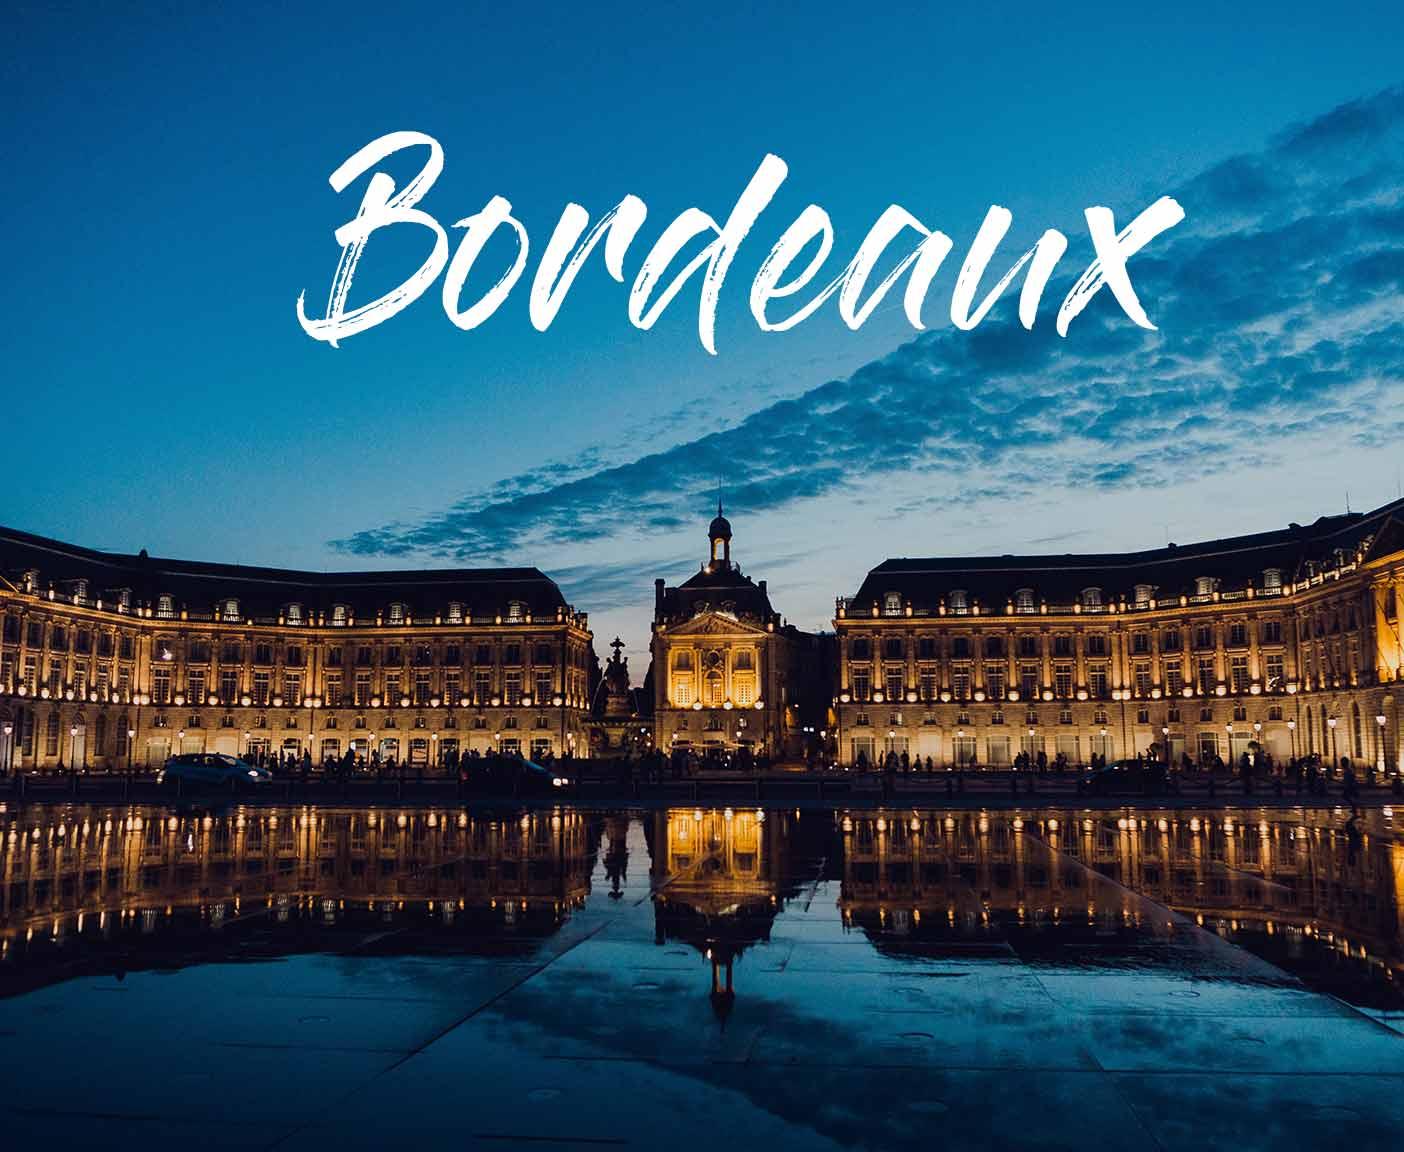 bordeaux-frankreich-wohnmobil-reise-guide